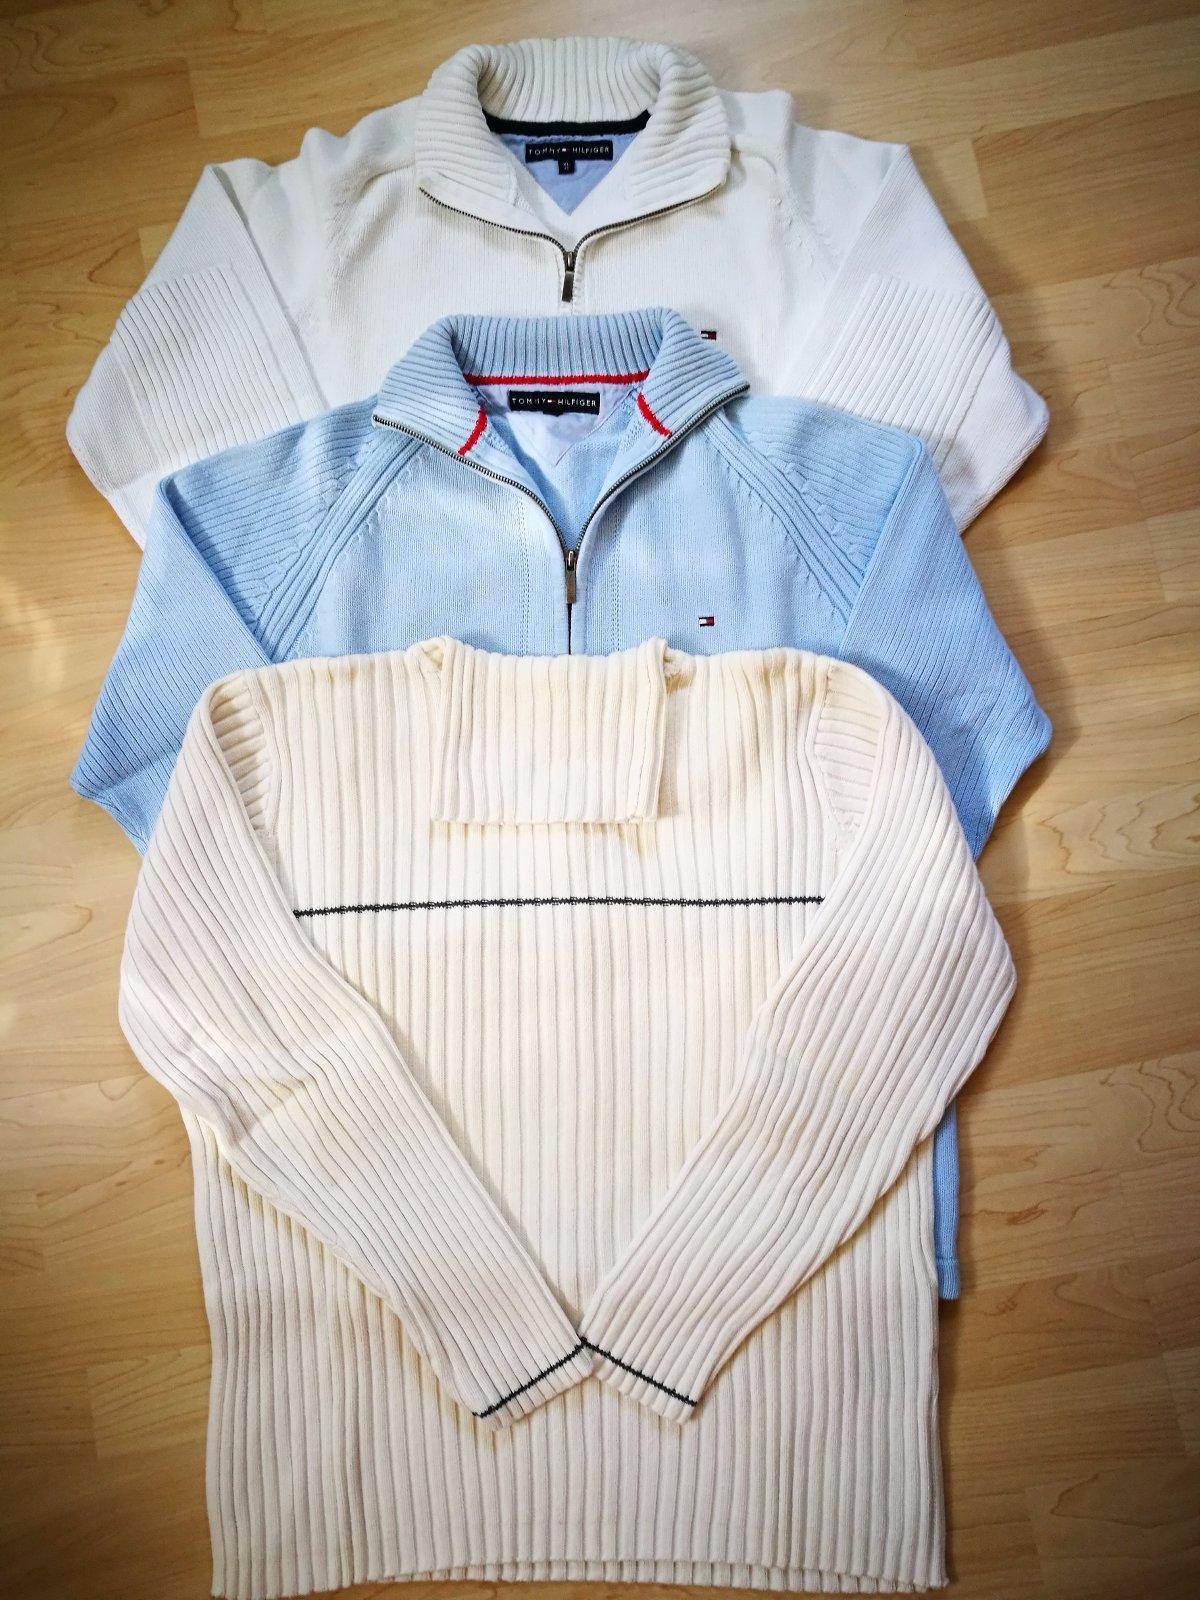 ed4f81379105 Pánske značkové oblečenie - tommy hilfiger